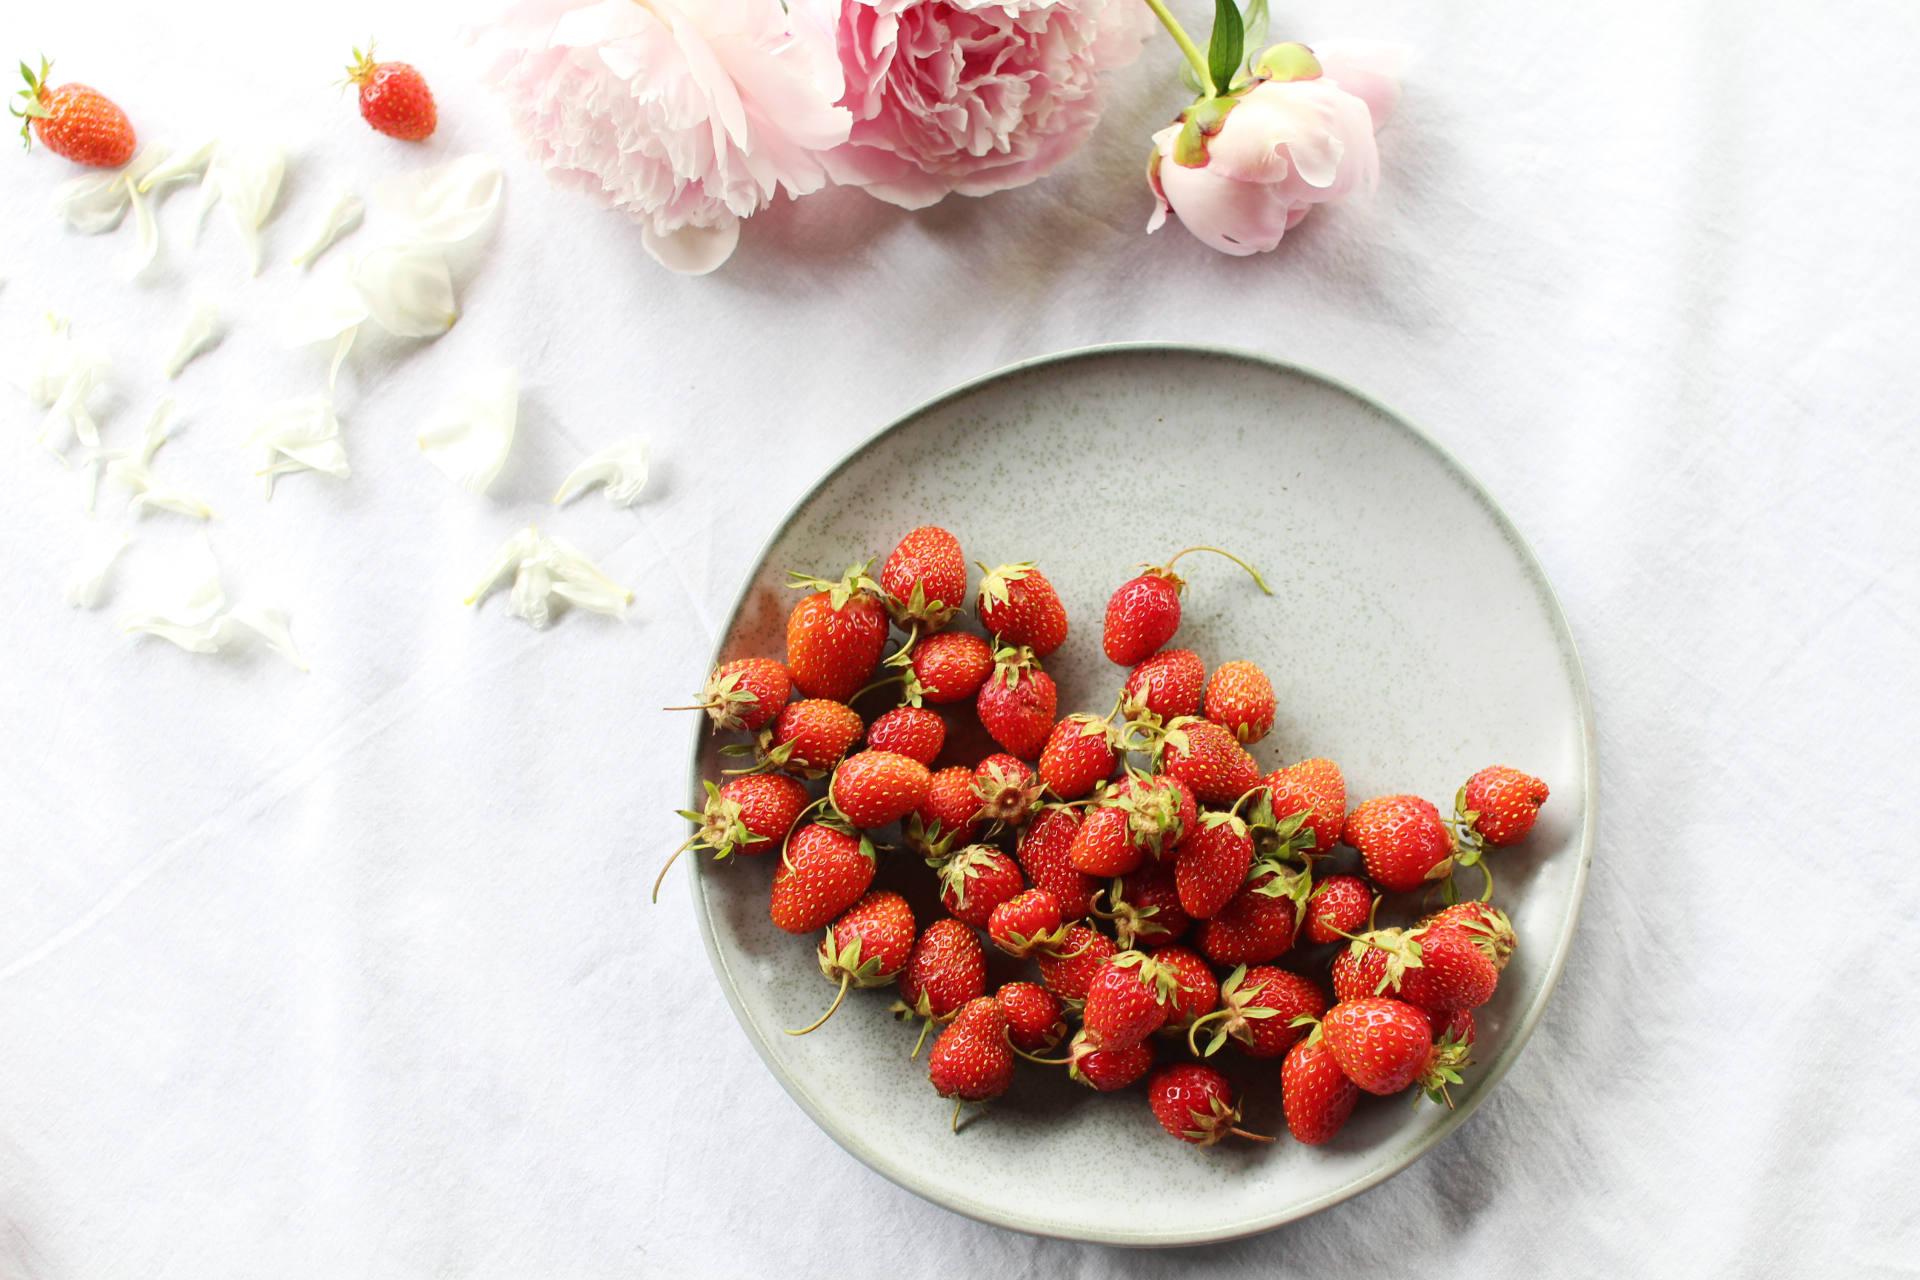 fraises et fleurs royal chill stylisme culinaire - photographie